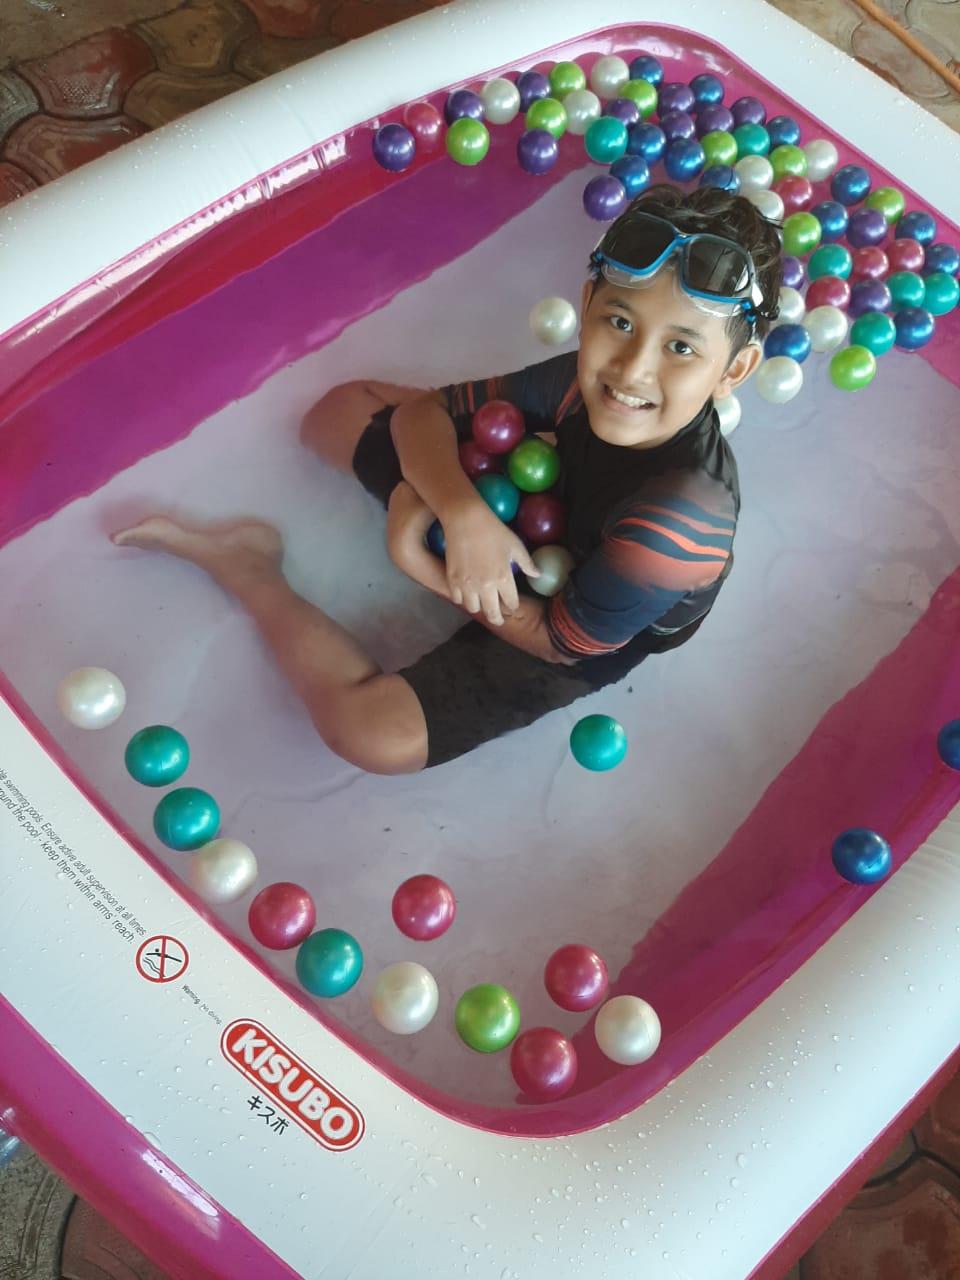 Mendukung Kegiatan Anak dengan Olahraga/Aktivitas Air